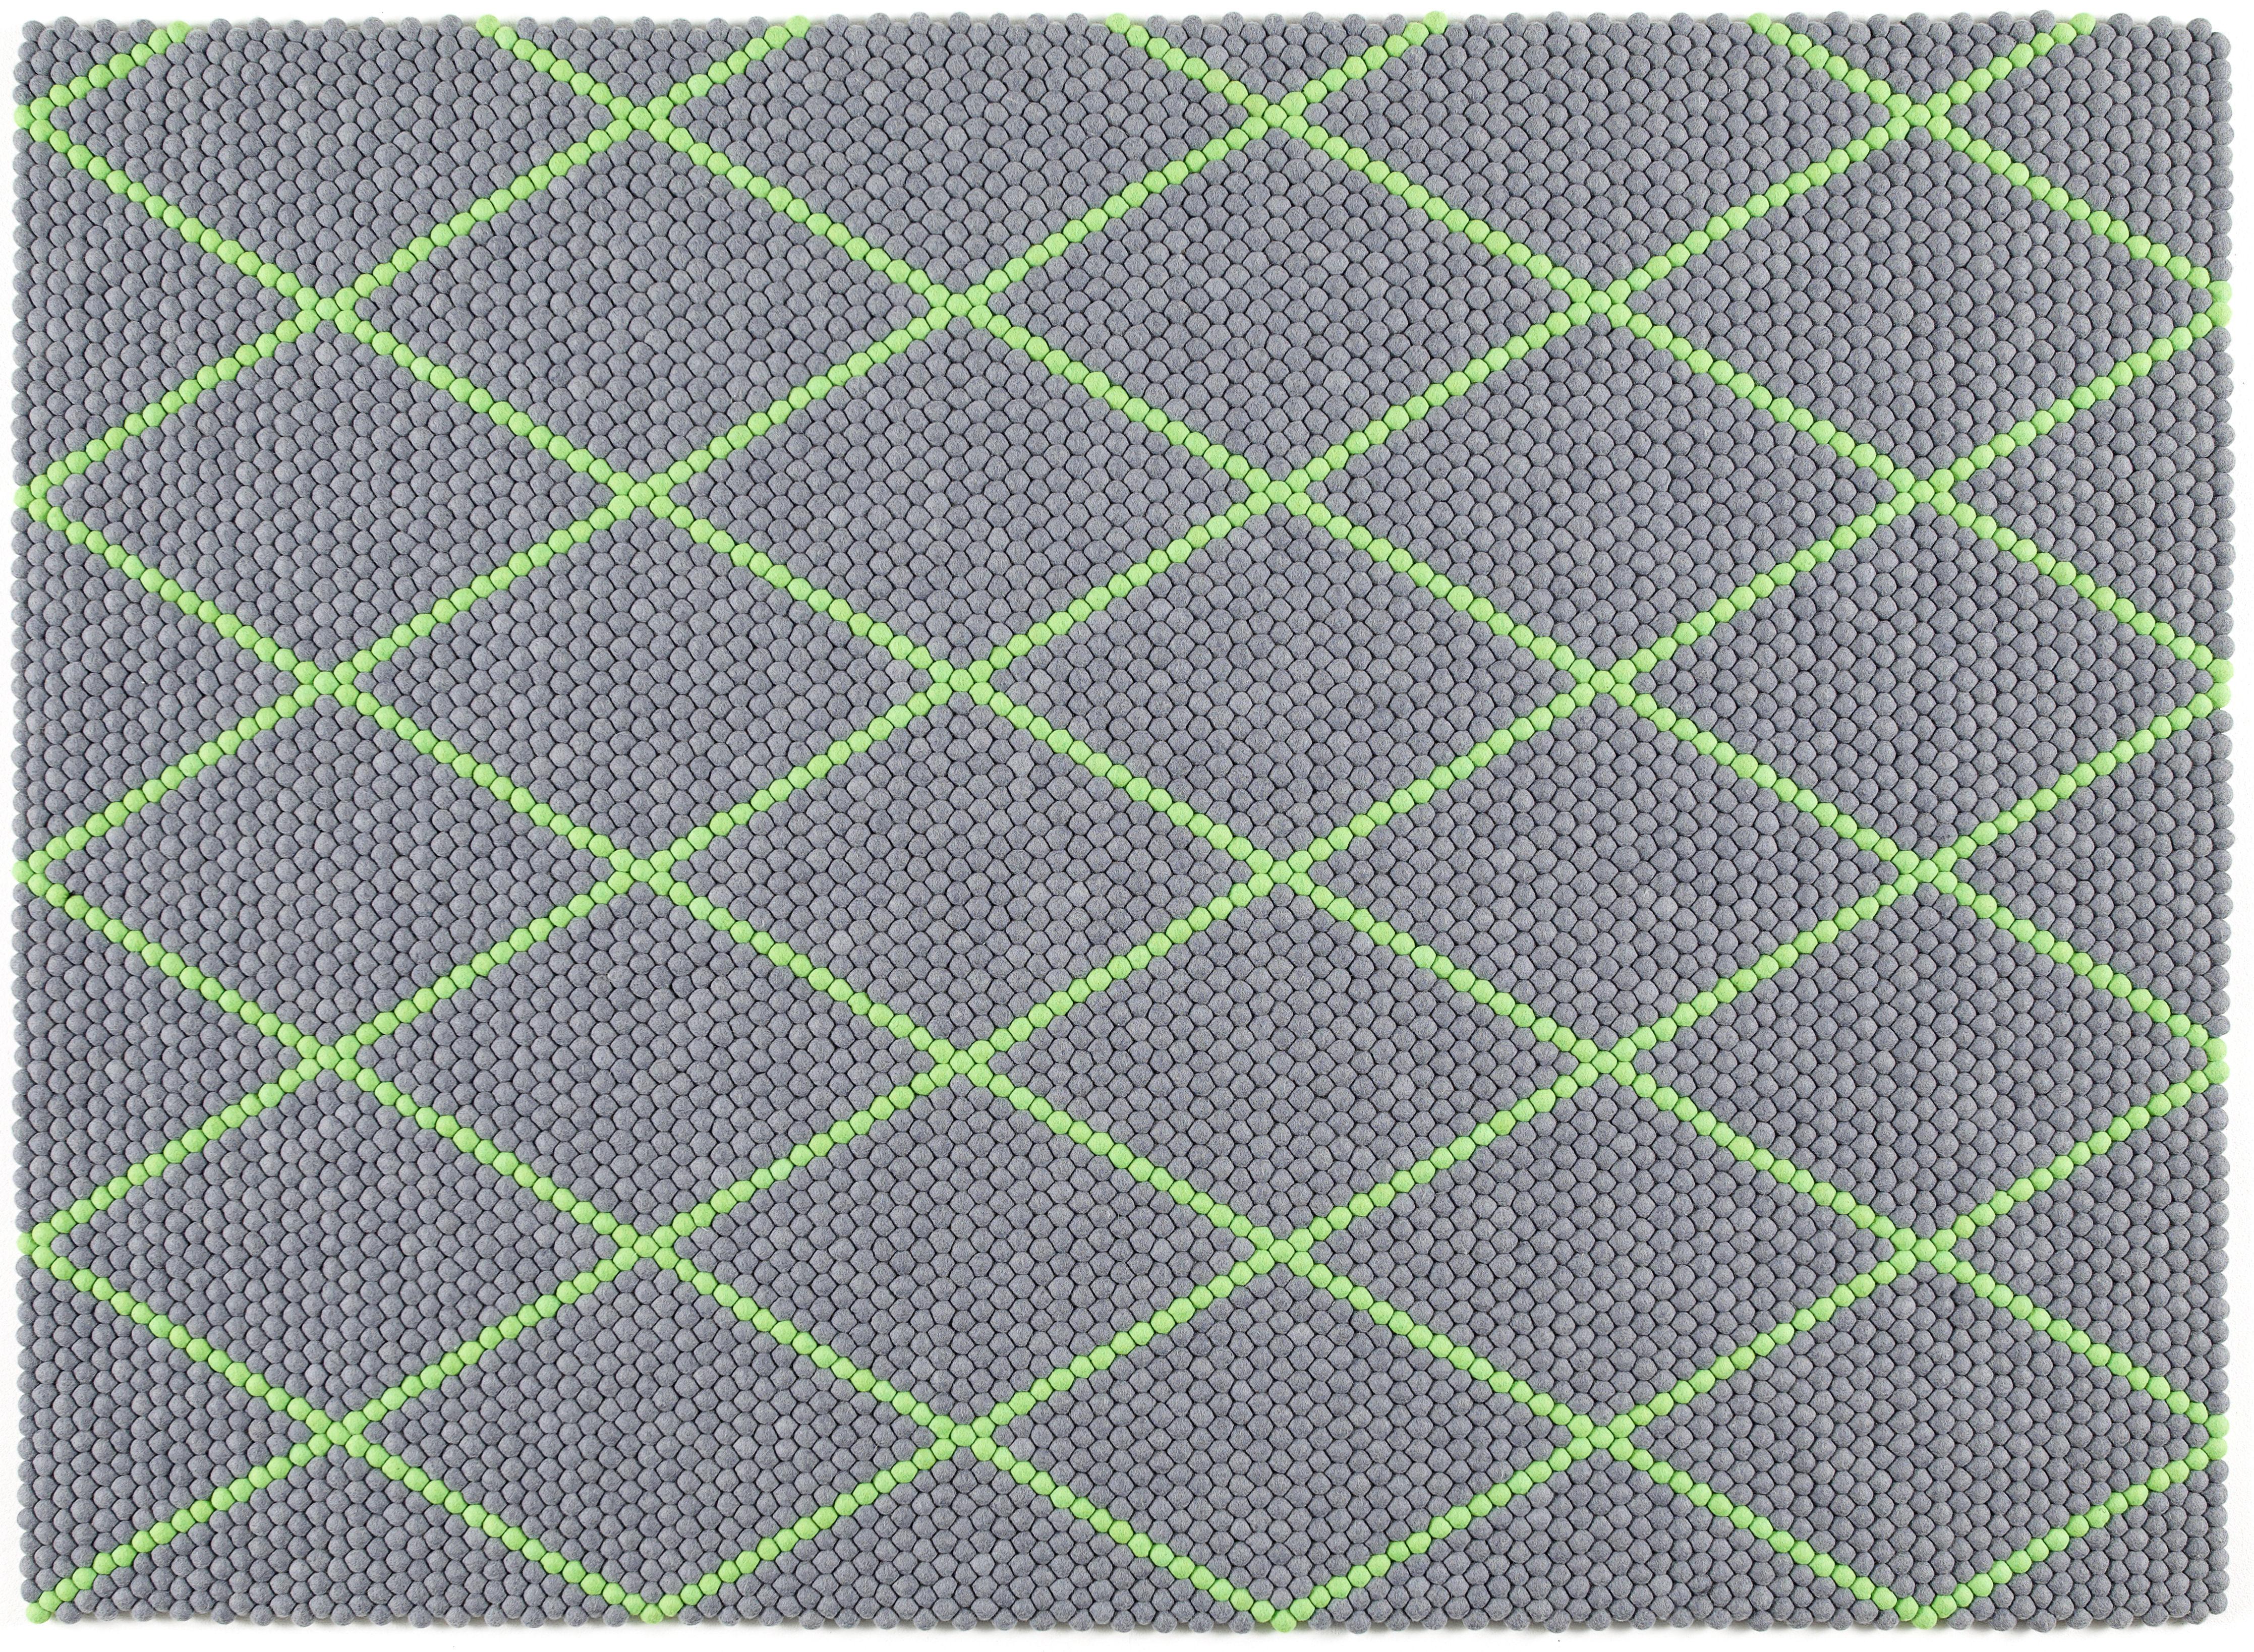 Möbel - Teppiche - S&B Dot Teppich 200 x 150 cm - Hay - Elektrischgrün / Dunkelgrau - Wolle